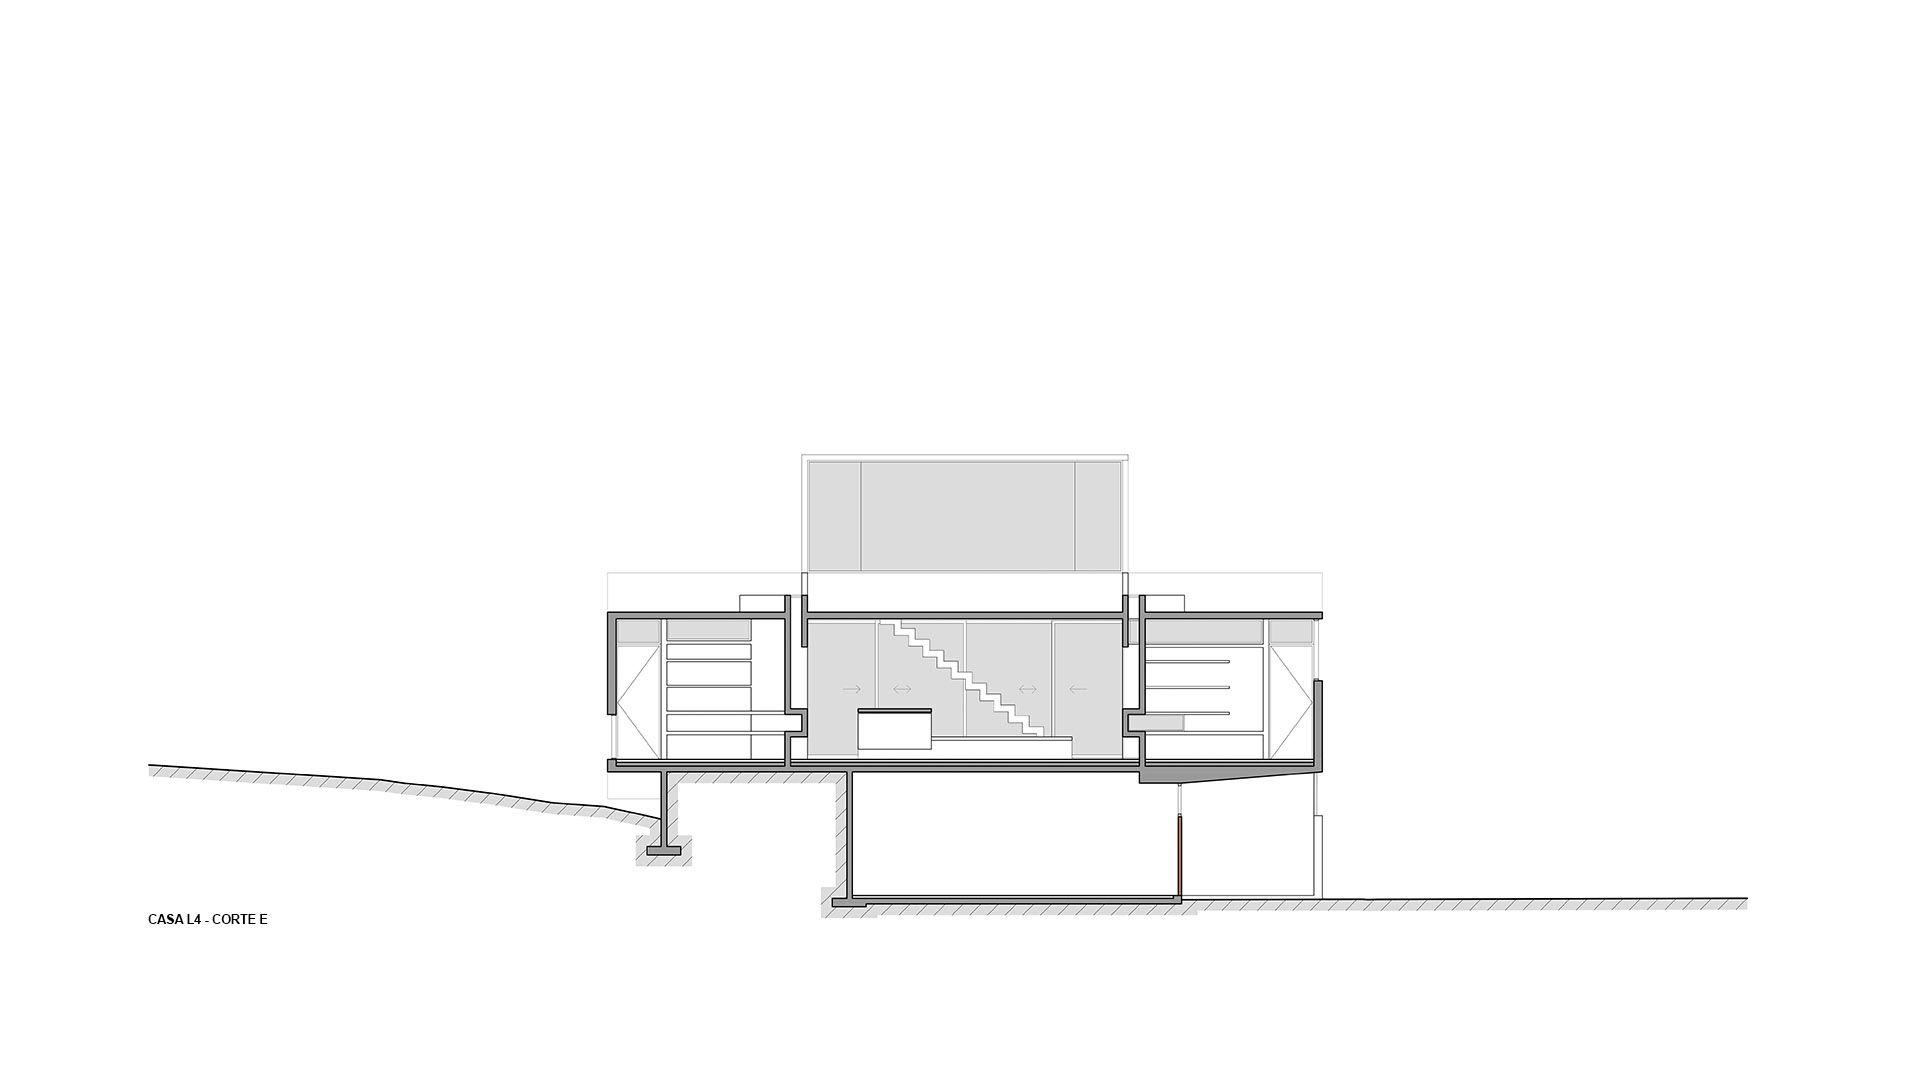 П4 Дом | Лучано Крук